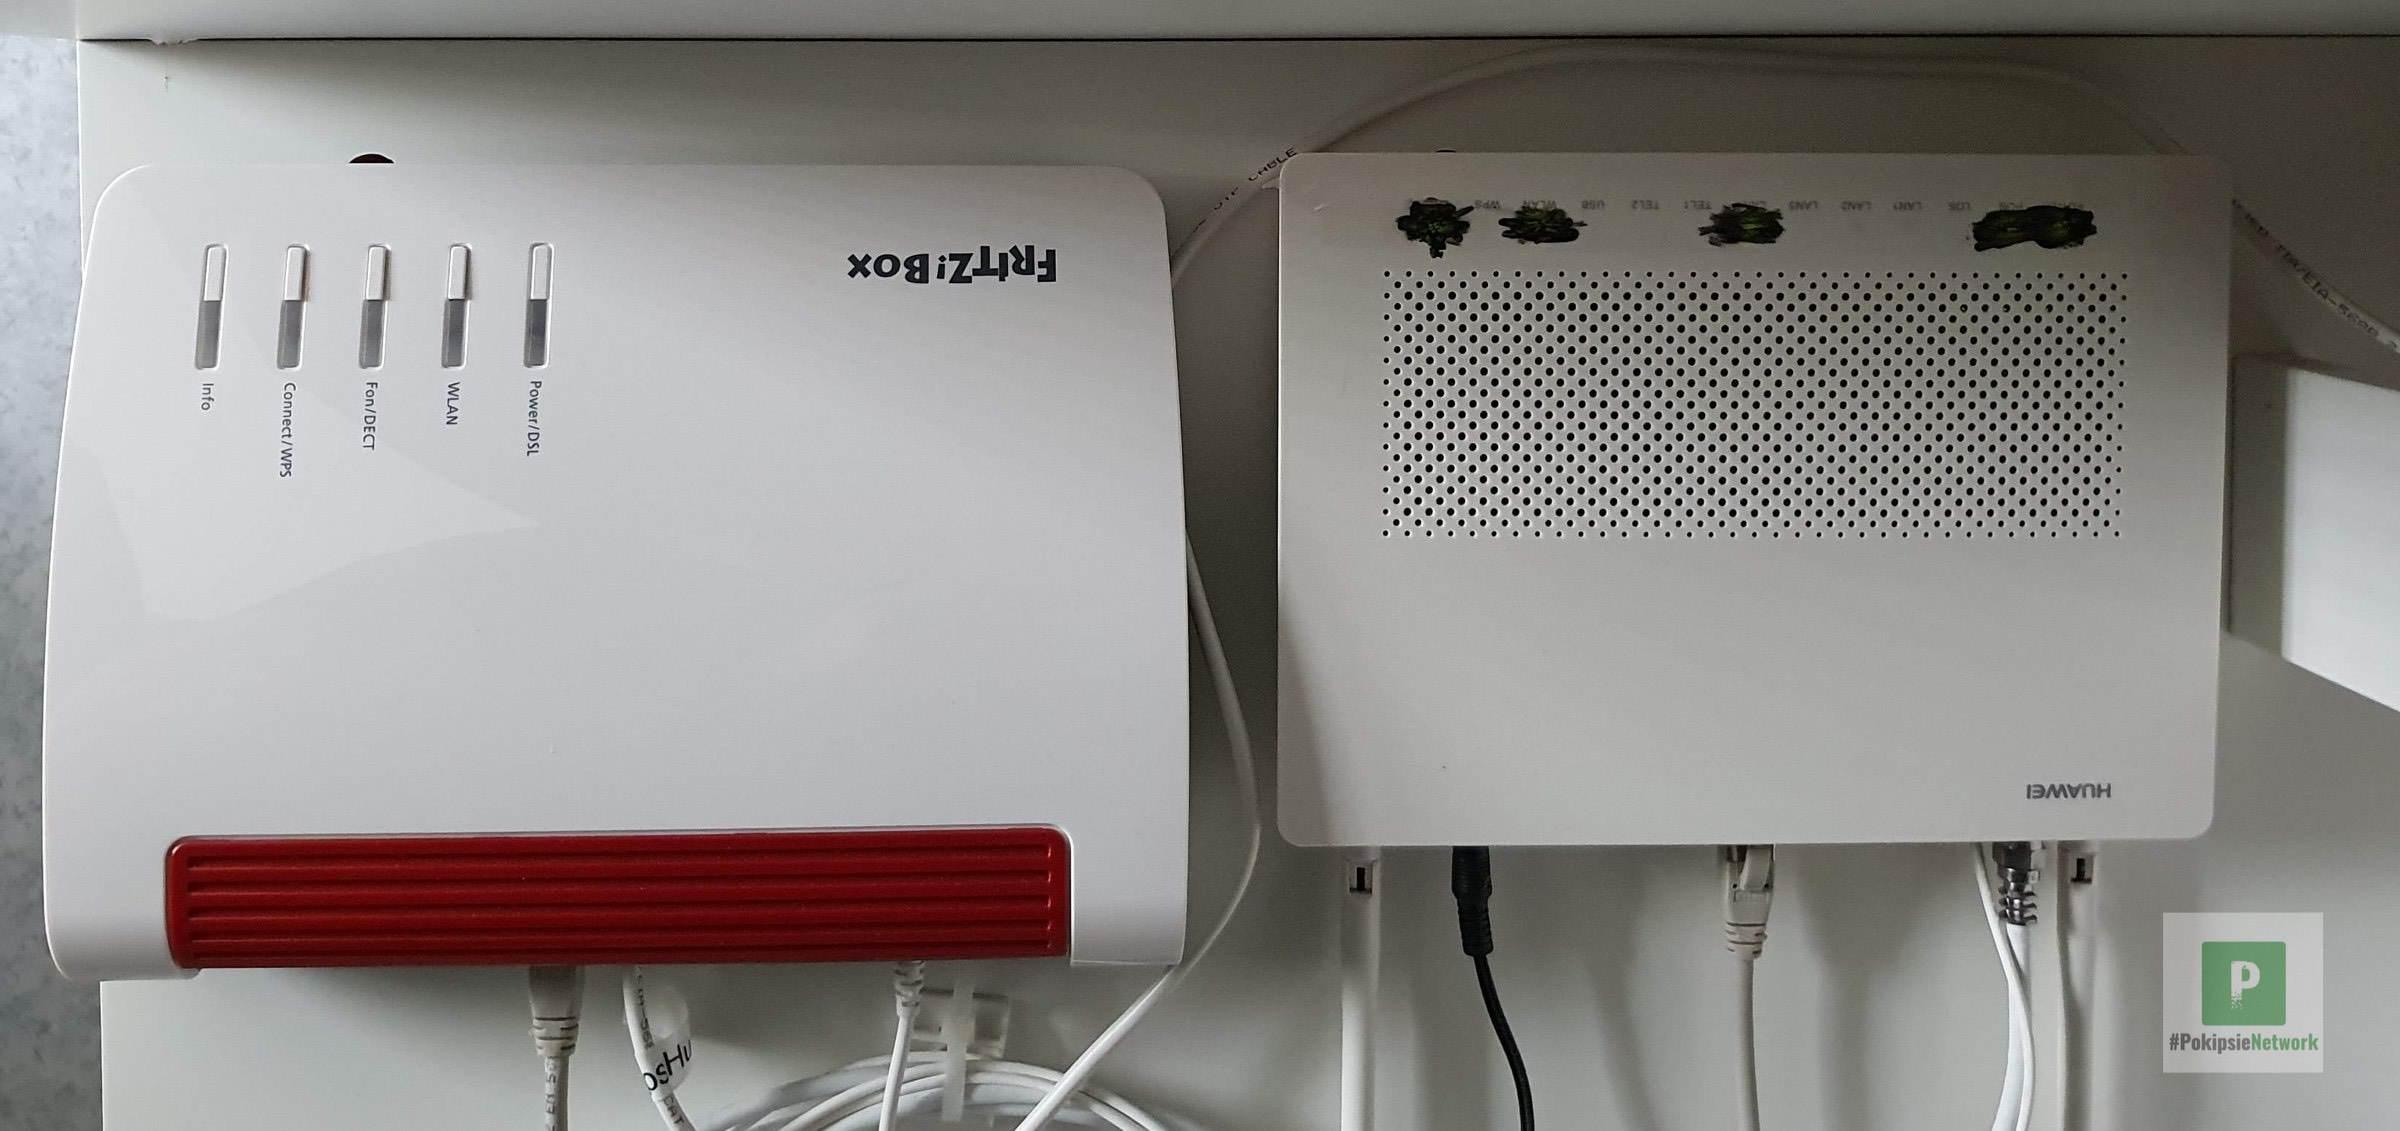 Tutorial – FRITZ!Box LED ausschalten / dimmen